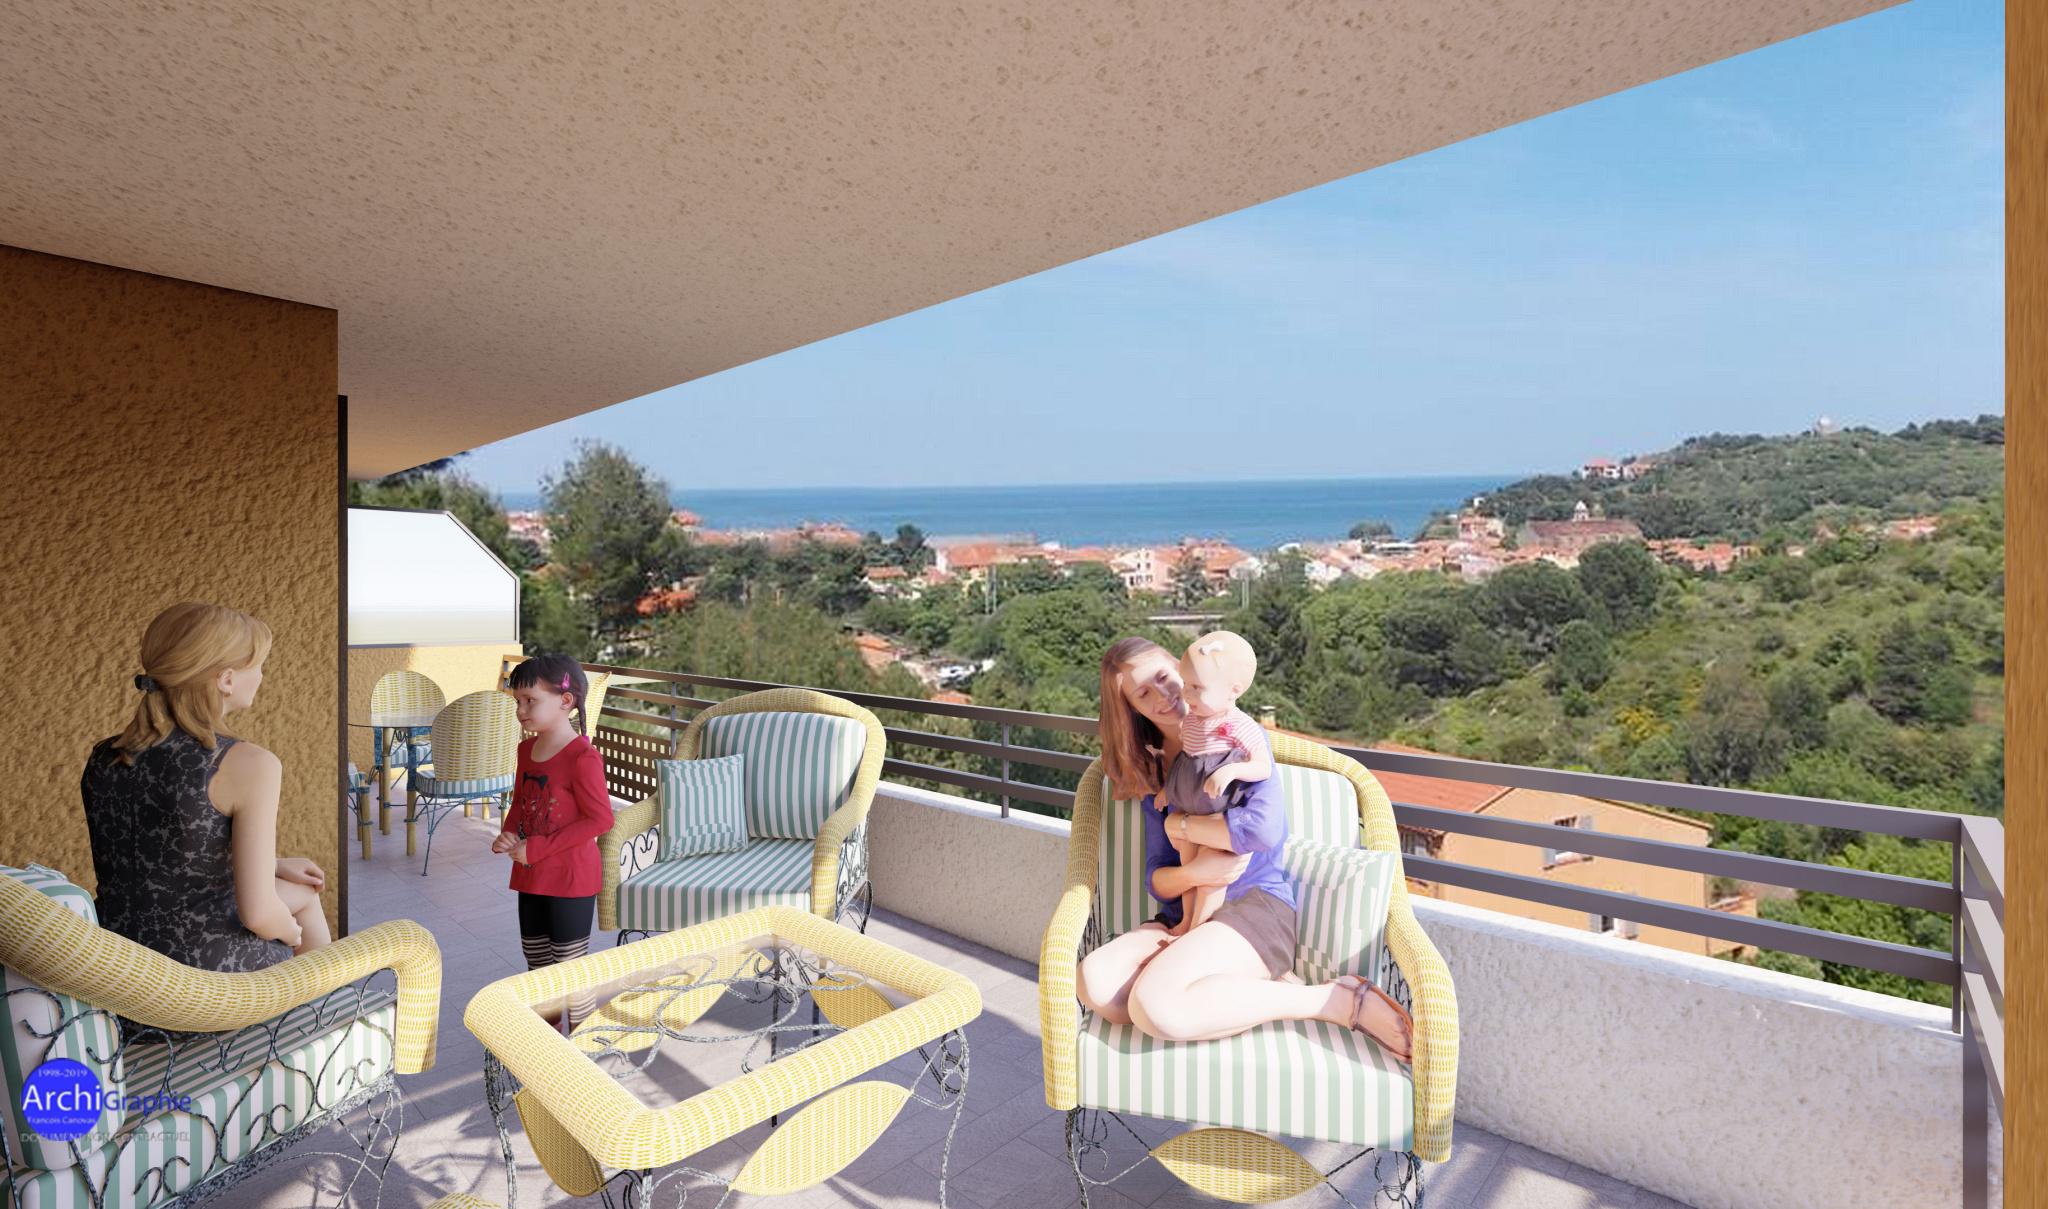 À vendre maison/villa de 95.14m2 à collioure (66190) - Photo 1'